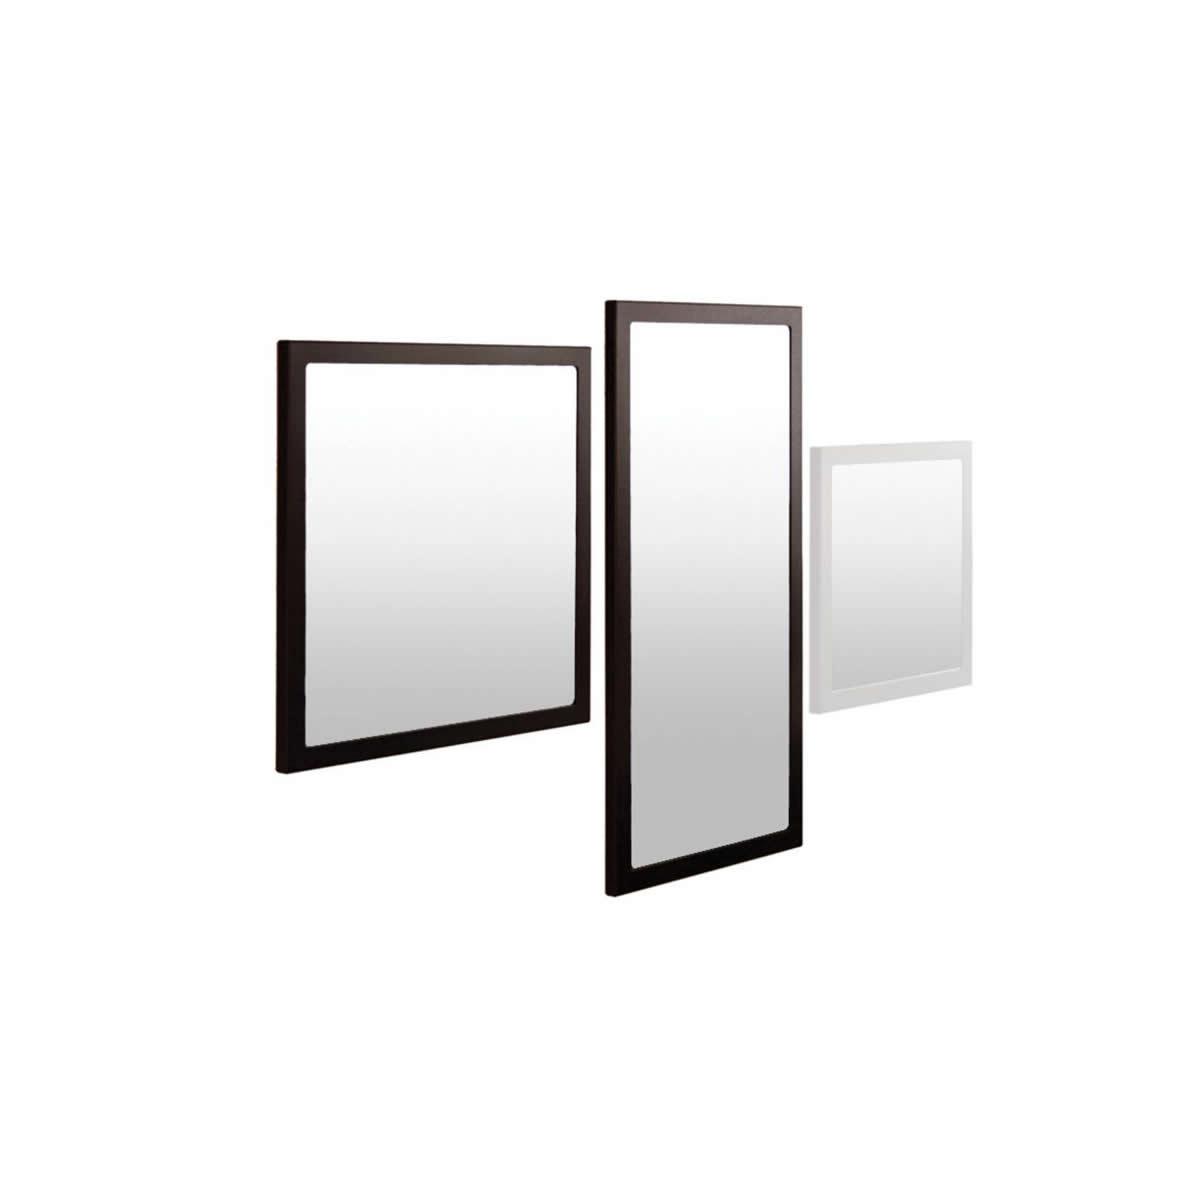 Miroirs little frame 60x60 zeus for Miroir 60x60